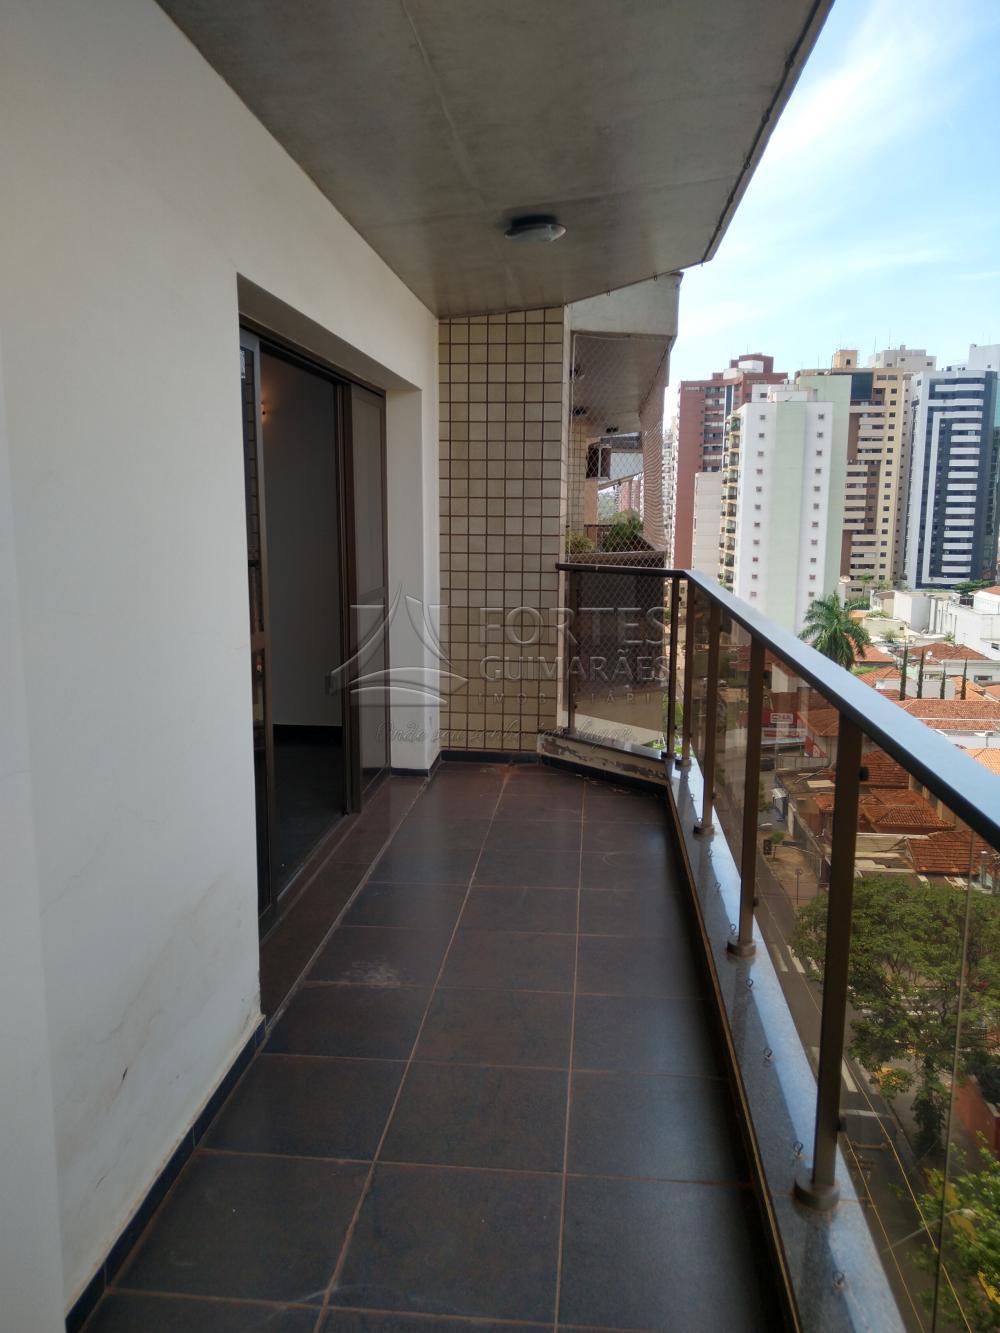 Alugar Apartamentos / Padrão em Ribeirão Preto apenas R$ 1.700,00 - Foto 10